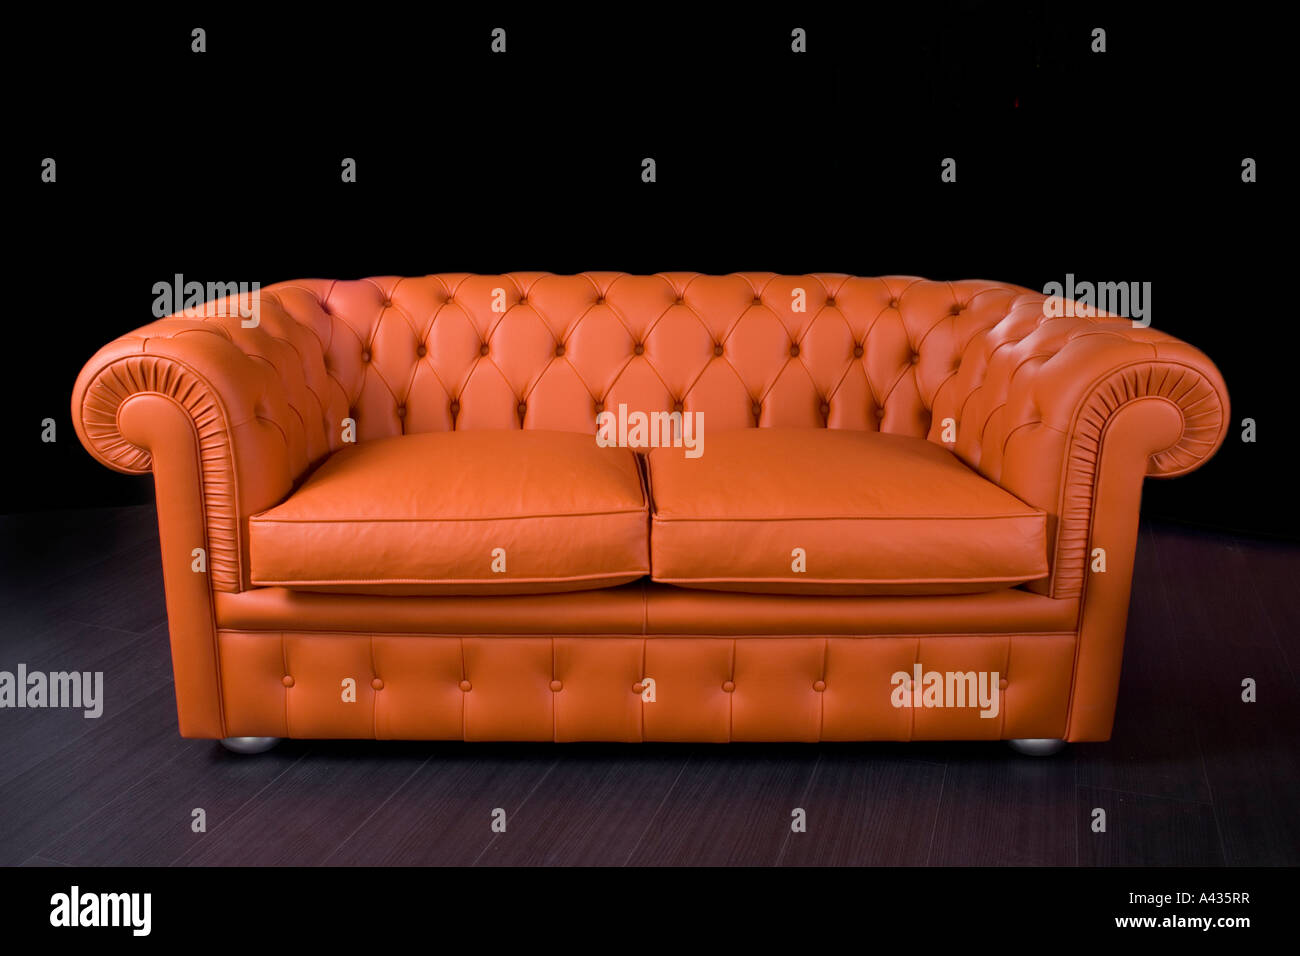 Divano Pelle Arancione : In pelle di colore arancione capitonè divano foto immagine stock